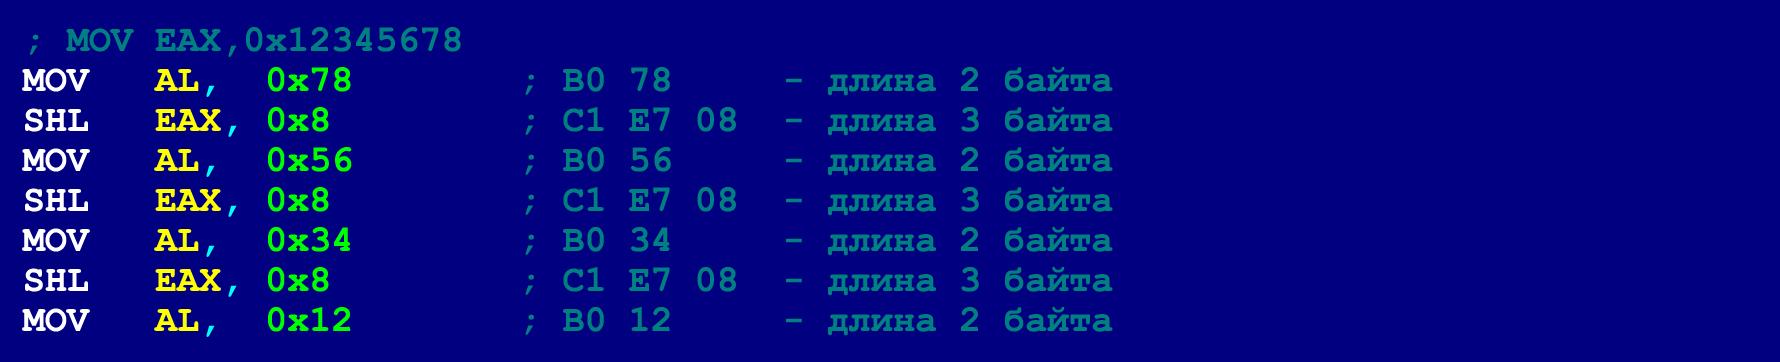 Как написать на ассемблере программу с перекрываемыми инструкциями (ещё одна техника обфускации байт-кода) - 16